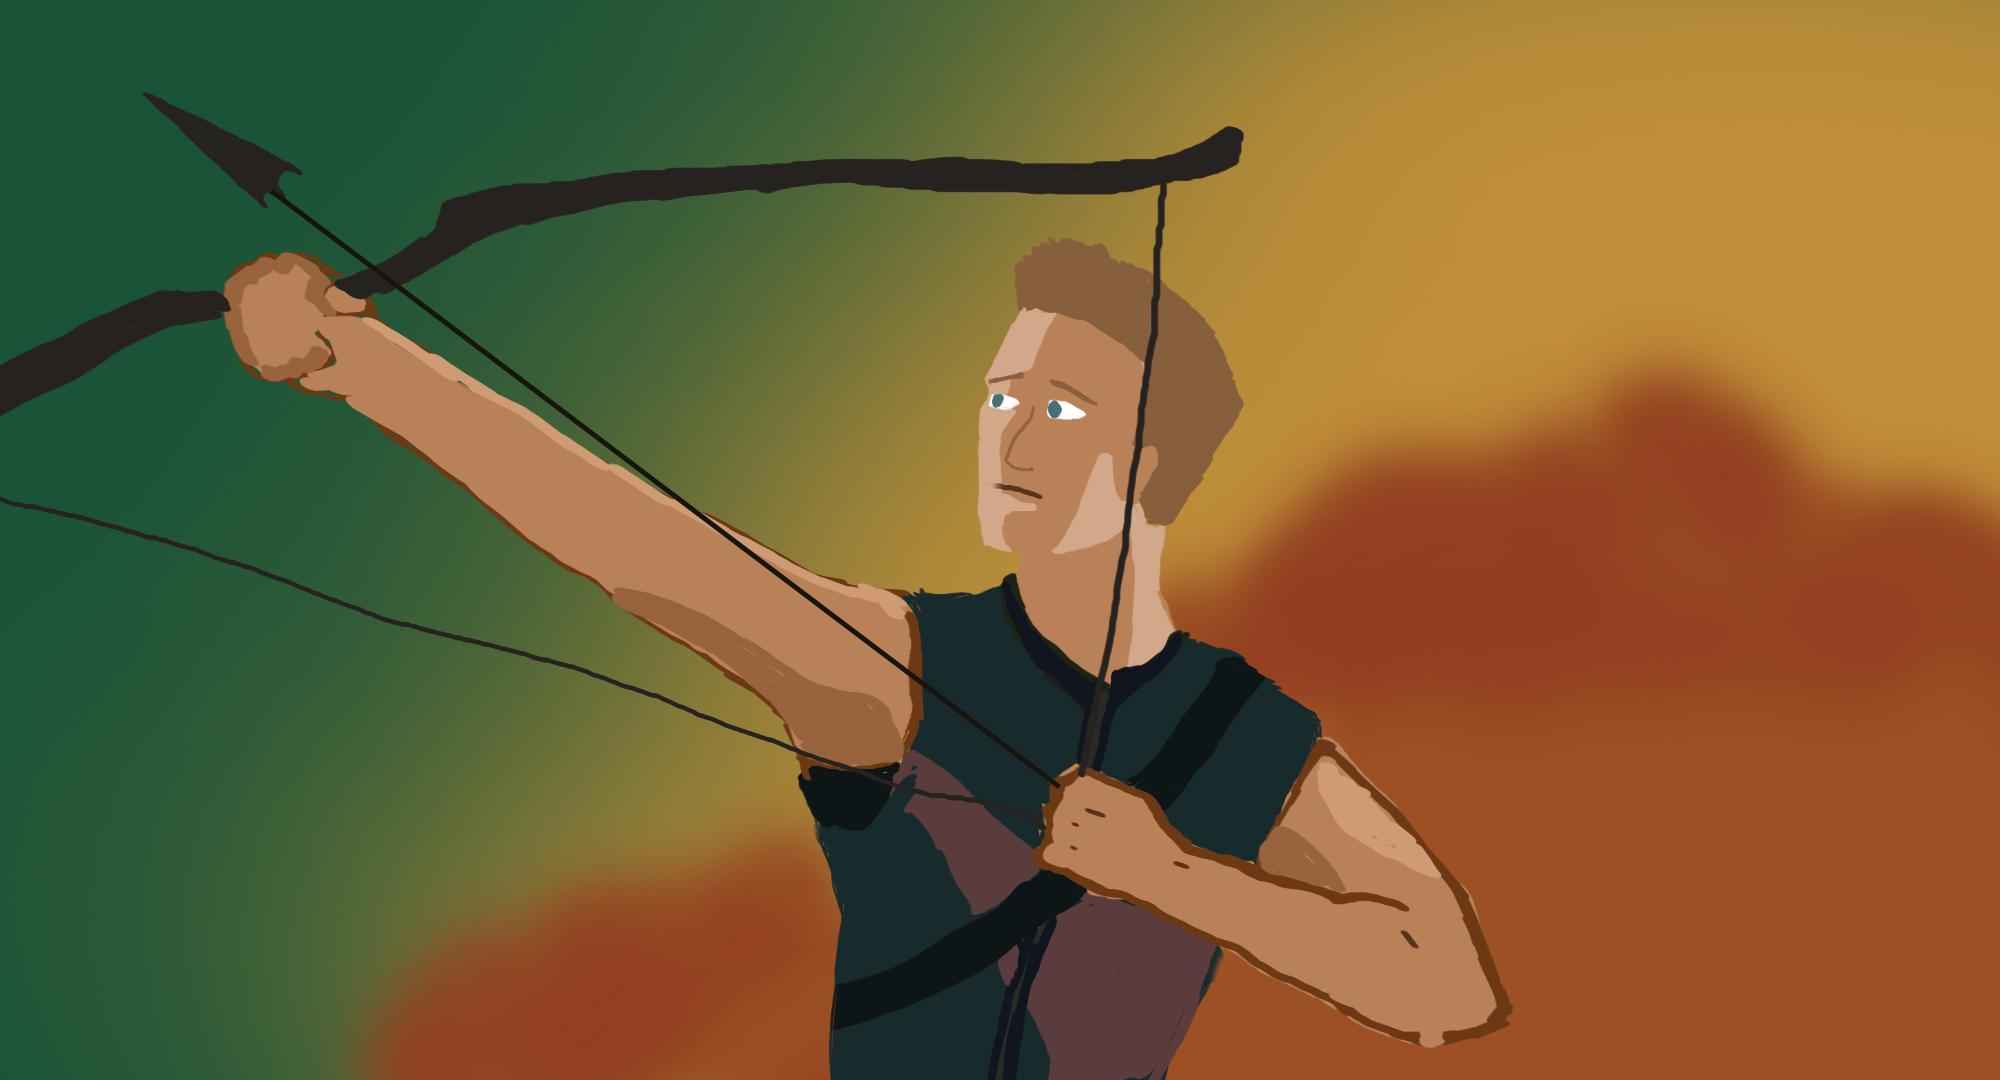 Hawkeye Fan art